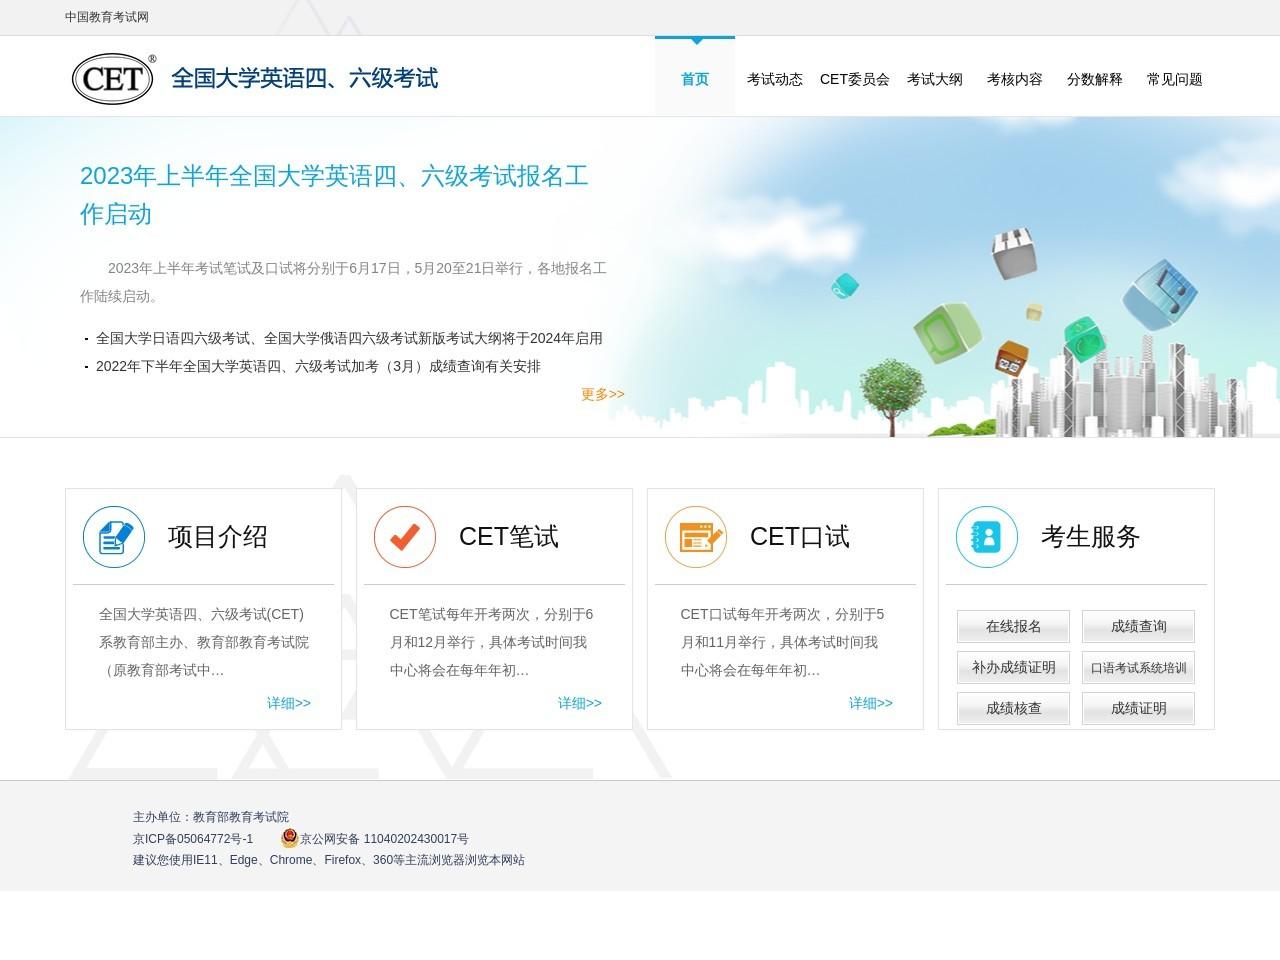 全国大学英语四、六级考试(CET) - 中国教育考试网